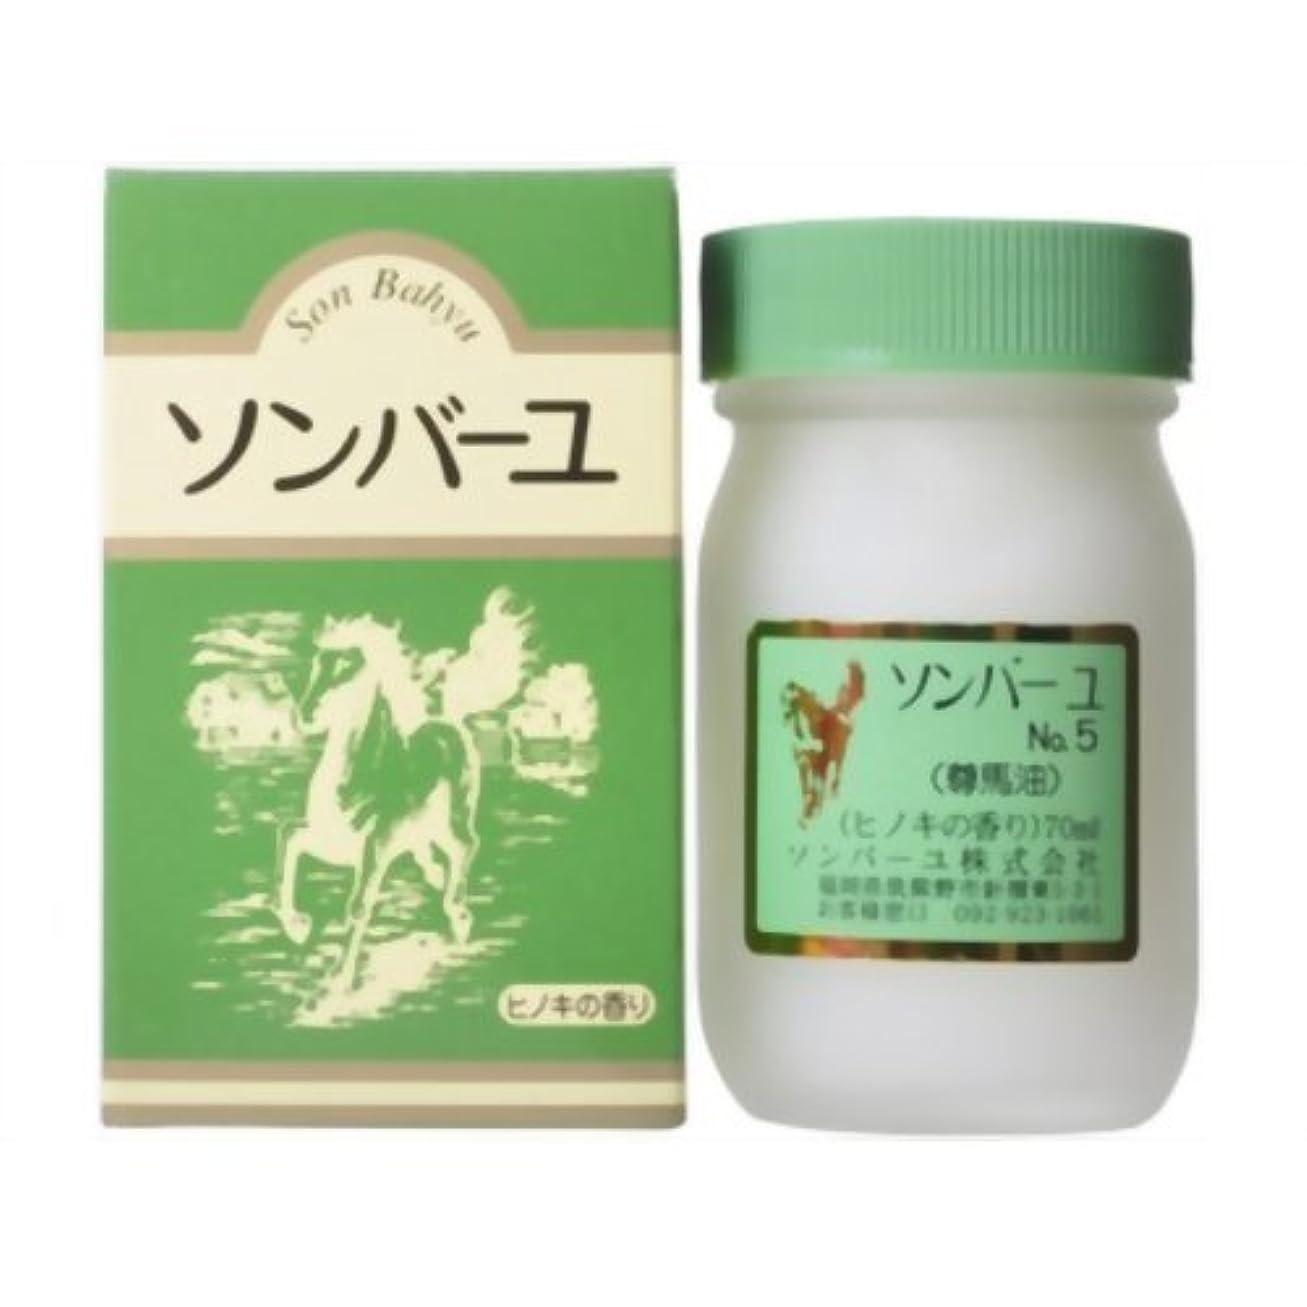 死の顎特徴づける責めるソンバーユ ヒノキの香り 70ml